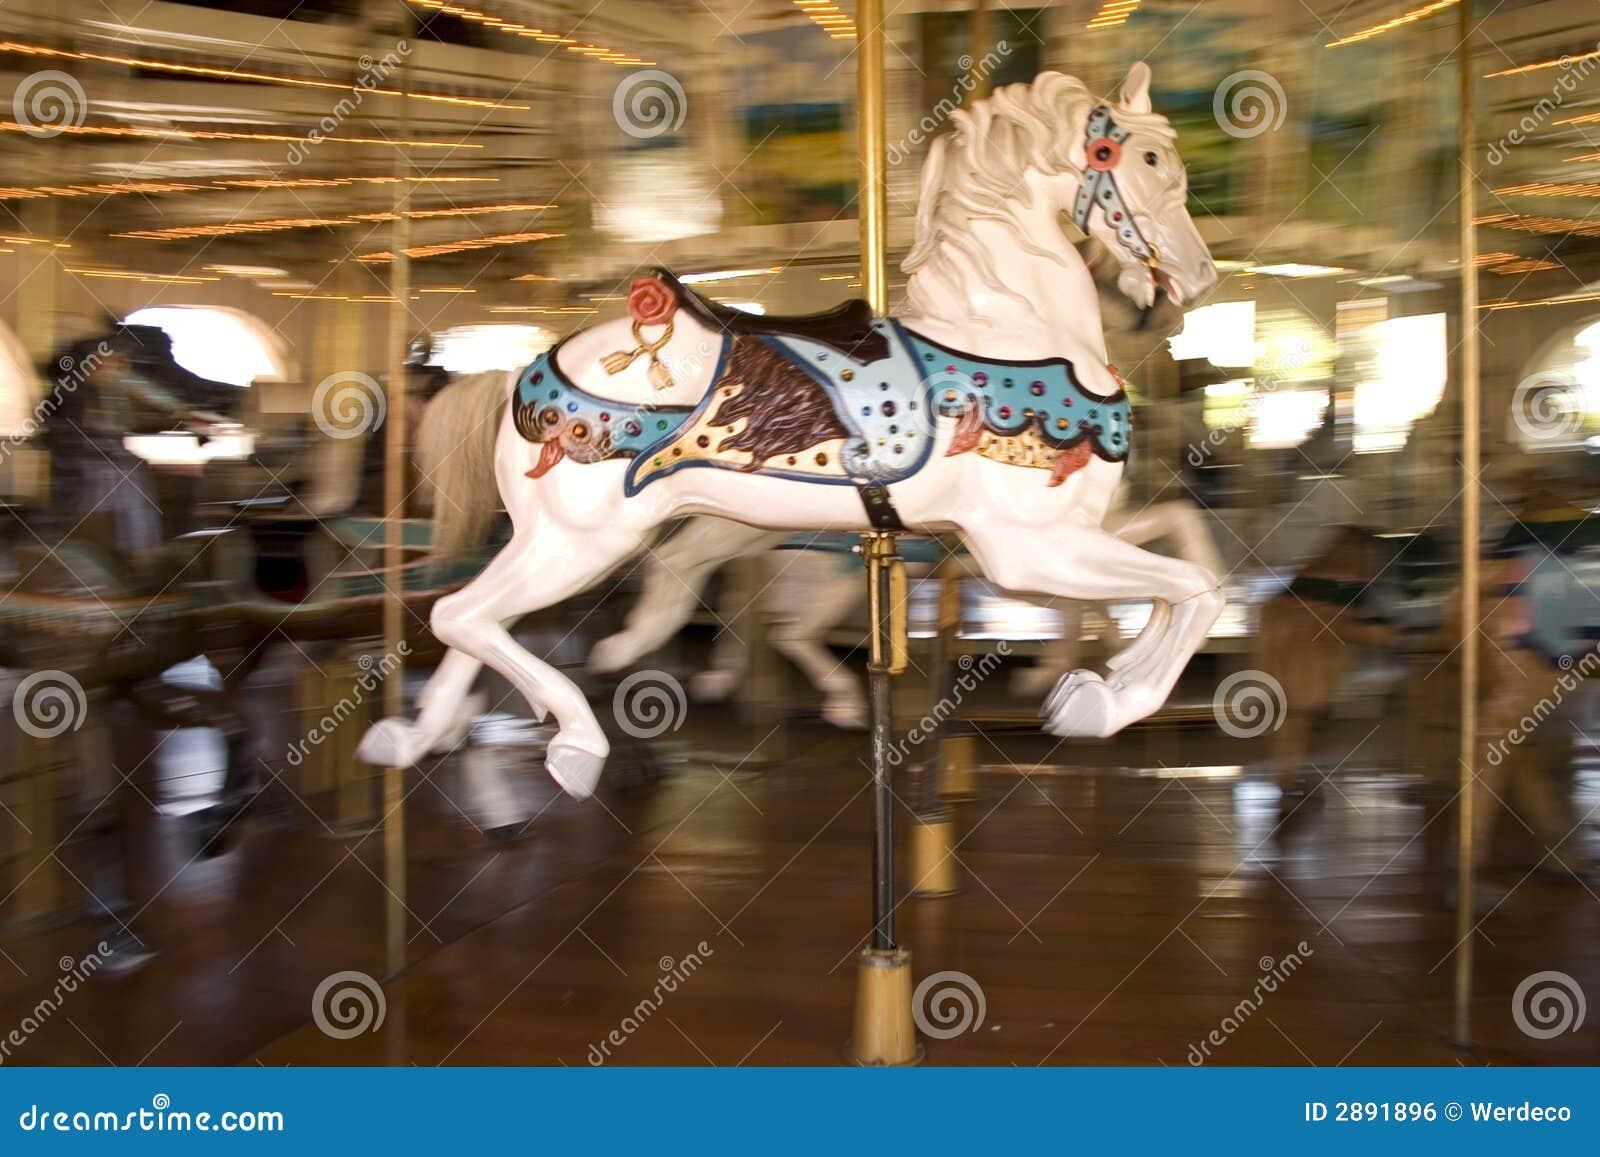 Paard vrolijk-gaan-rond